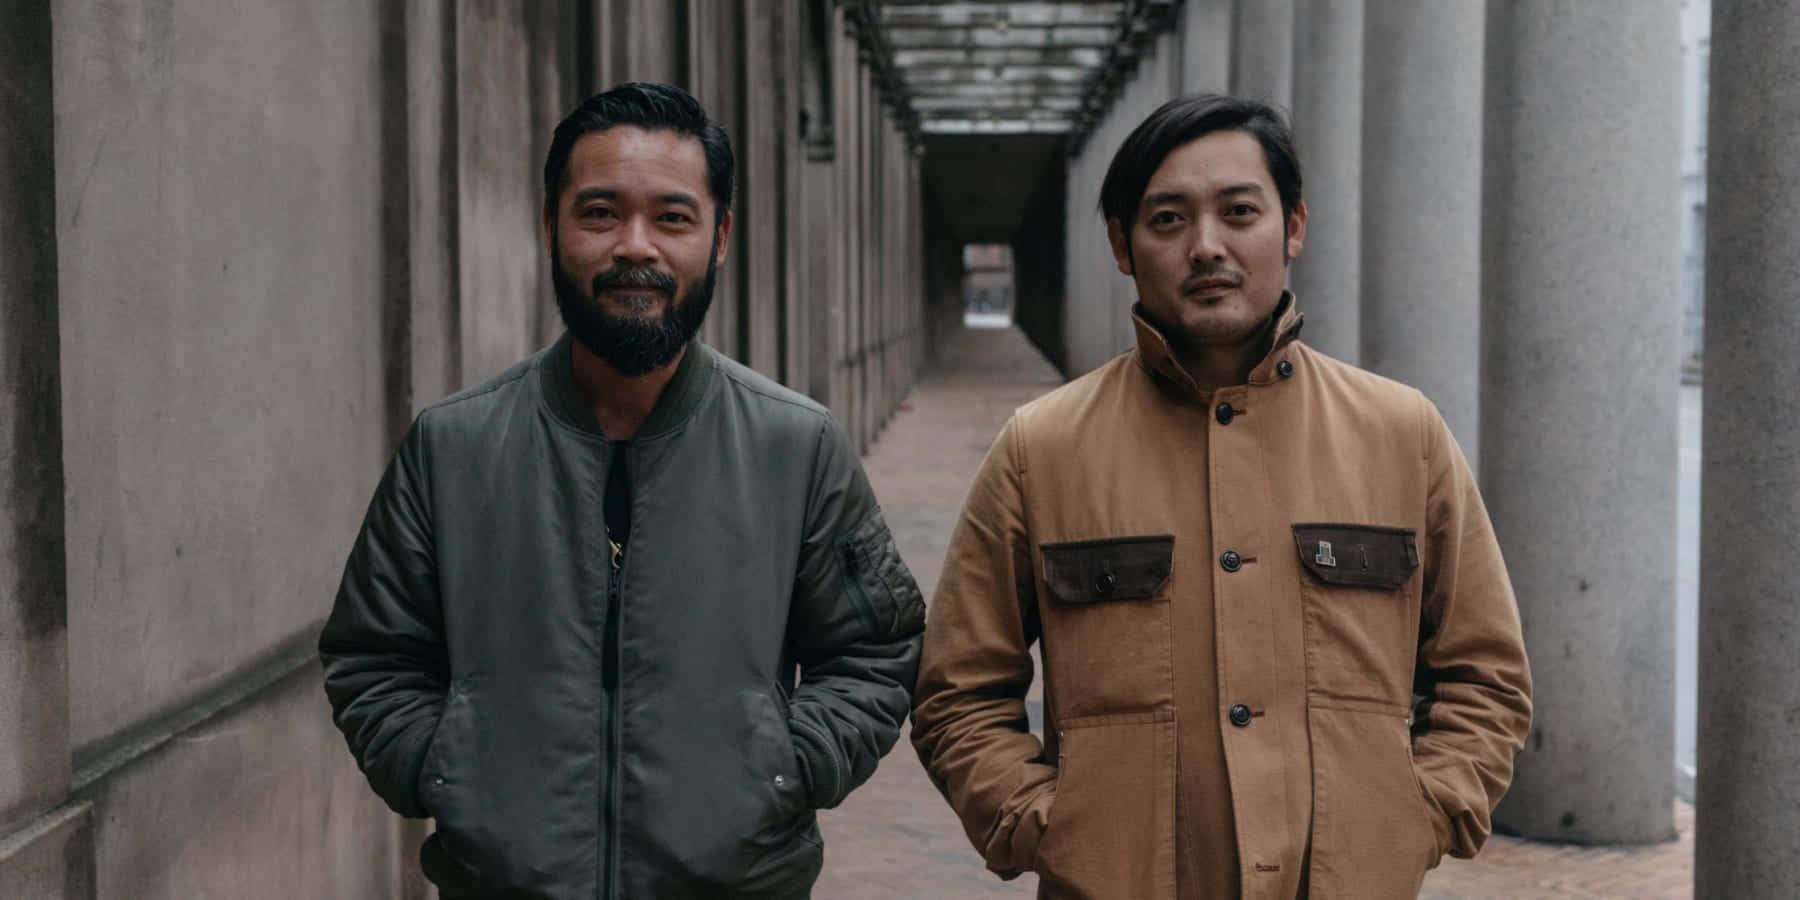 デンマーク育ちの日本人デザイナーが考えるエシカルなファッションと生き方